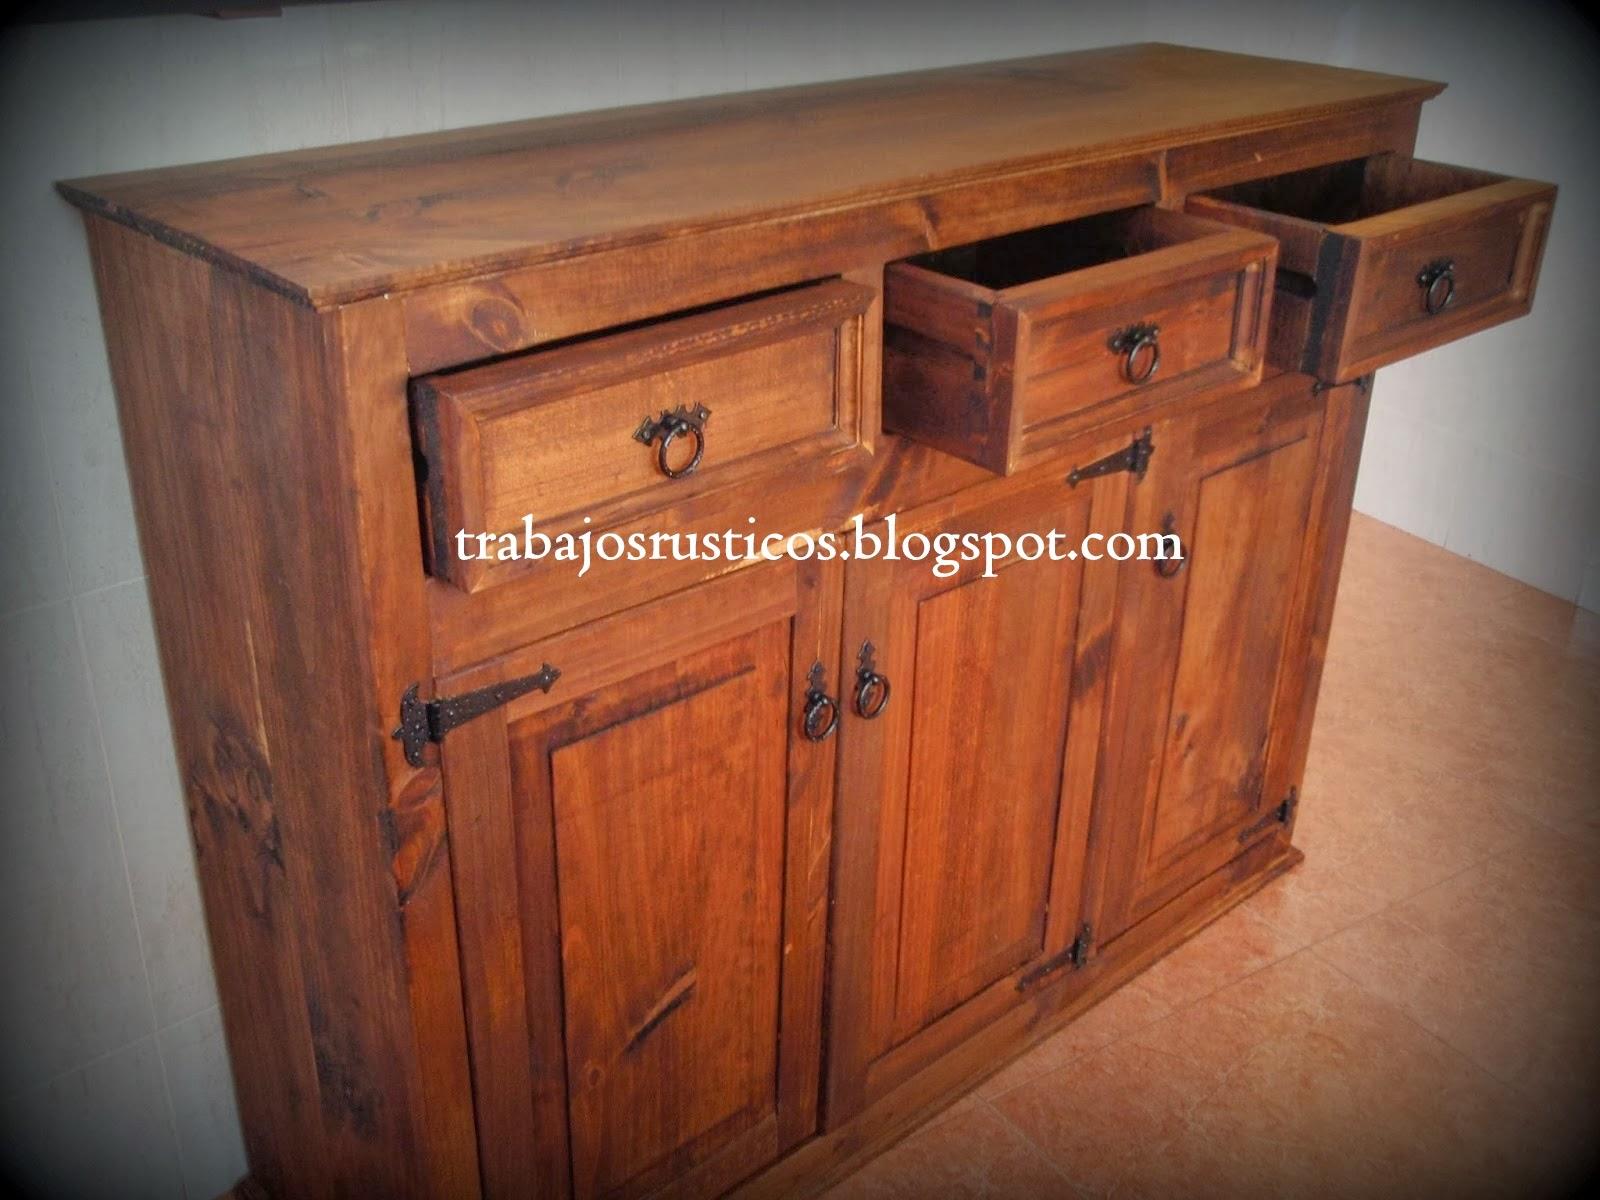 Muebles para vajillas stunning cargando zoom with muebles para vajillas stunning general mesa - Muebles para vajilla ...